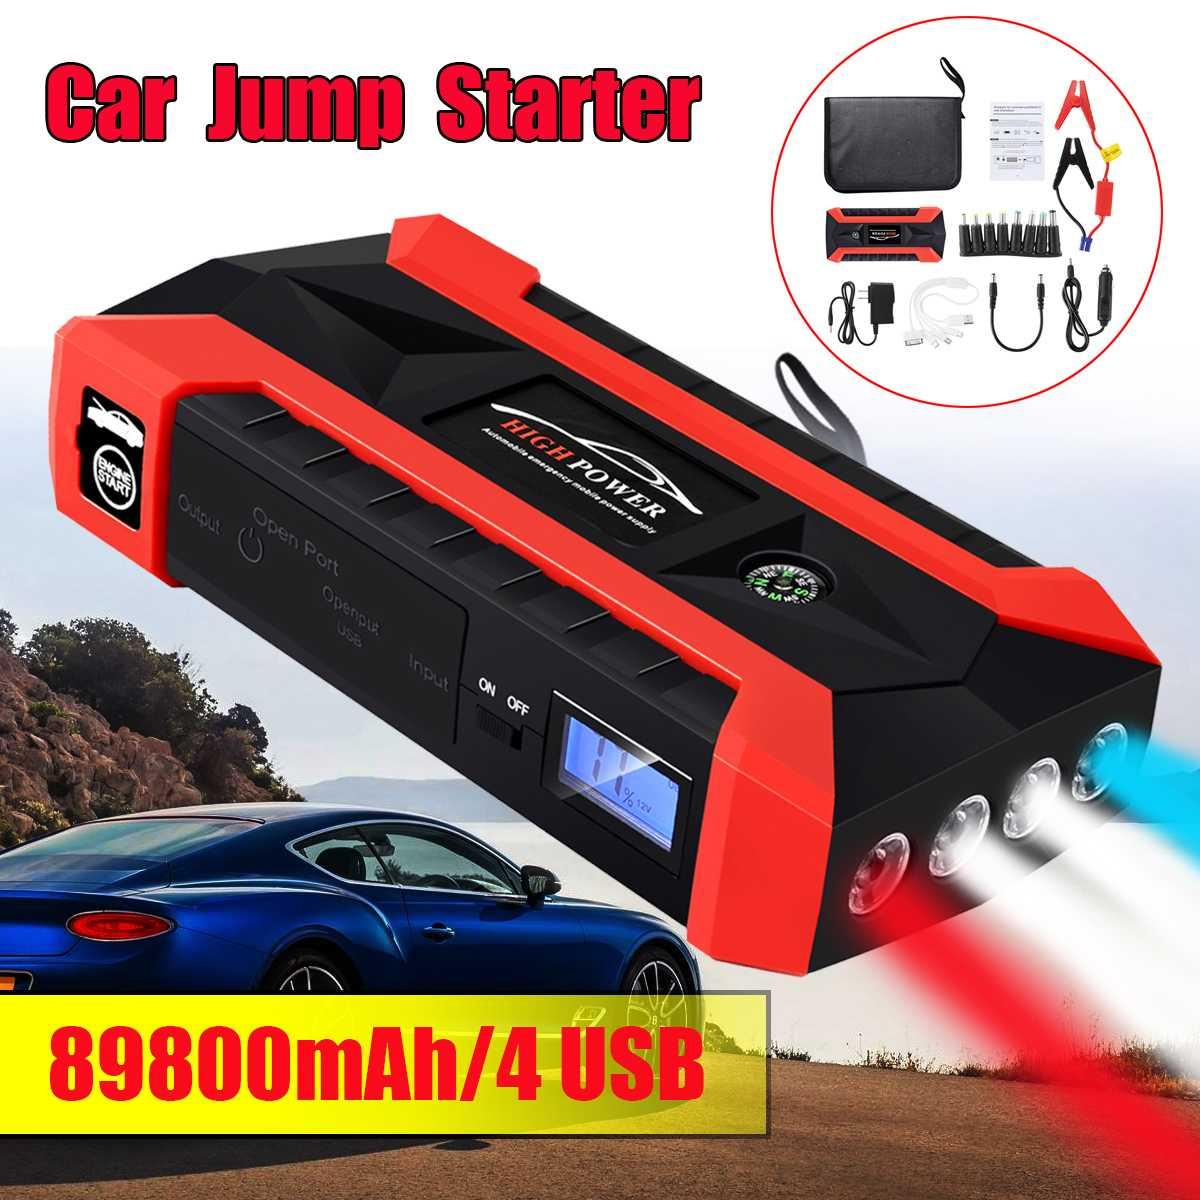 89800mAh 4USB voiture saut démarreur multifonction chargeur de secours batterie externe Pack Booster 12V dispositif de démarrage étanche